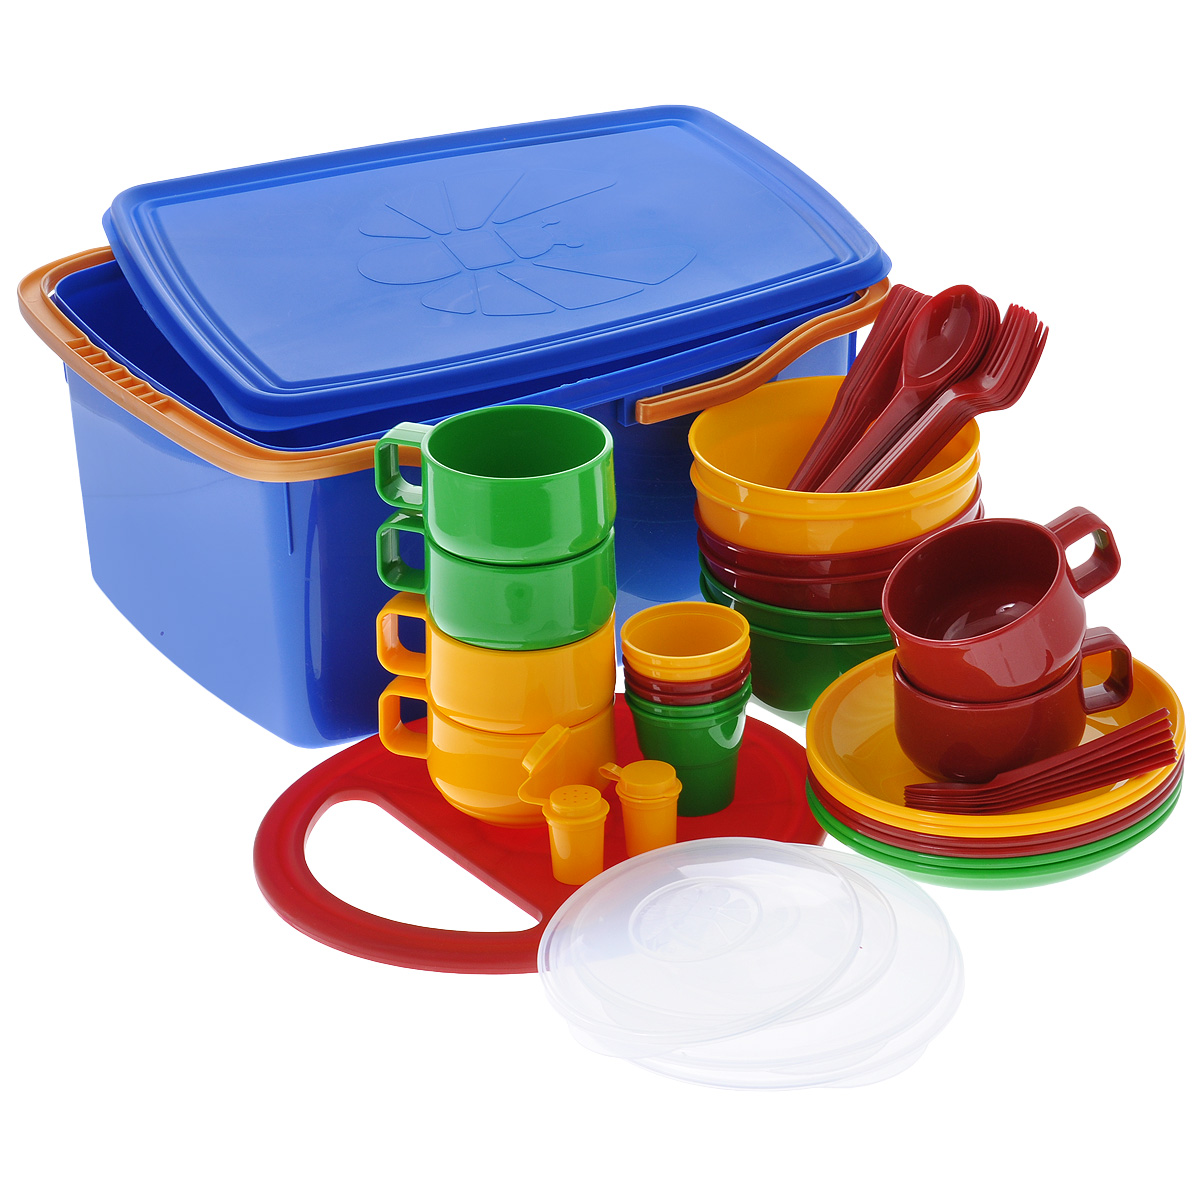 Набор посуды Solaris, в контейнере, на 6 персон67742Компактный расширенный набор посуды Solaris на 6 персон, в удобном пластиковом контейнере с ручками и герметичной крышкой.В походном положении весь набор находится внутри контейнера.Свойства посуды:Посуда из ударопрочного пищевого полипропилена предназначена для многократного использования. Легкая, прочная и износостойкая, экологически чистая, эта посуда работает в диапазоне температур от -25°С до +110°С. Можно мыть в посудомоечной машине. Эта посуда также обеспечивает:Хранение горячих и холодных пищевых продуктов;Разогрев продуктов в микроволновой печи;Приготовление пищи в микроволновой печи на пару (пароварка);Хранение продуктов в холодильной и морозильной камере;Кипячение воды с помощью электрокипятильника.Состав набора:Контейнер с герметичной крышкой и ручками, объем 17 л;6 мисок, объем 1 л;2 герметичных крышки к миске, 1 л;6 тарелок;2 герметичных крышки к тарелке;6 чашек, объем 0,28 л;6 стаканов с мерными делениями, объем 0,1 л;6 вилок;6 ложек столовых;6 ножей;6 ложек чайных;2 солонки;Разделочная доска.Размер контейнера: 40 см х 31 см х 19 см.Диаметр чашек: 9,3 см.Высота чашек: 6,5 см.Диаметр мисок: 15 см.Высота мисок: 7,5 см.Диаметр стаканов: 6,5 см.Высота стаканов: 6,5 см.Диаметр тарелок: 19 см.Высота тарелок: 3 см.Размер разделочной доски: 30,5 см х 26,5 см.Длина ложек: 19 см.Длина вилок: 19 см.Длина ножей: 19 см.Длина чайных ложек: 13,5 см.